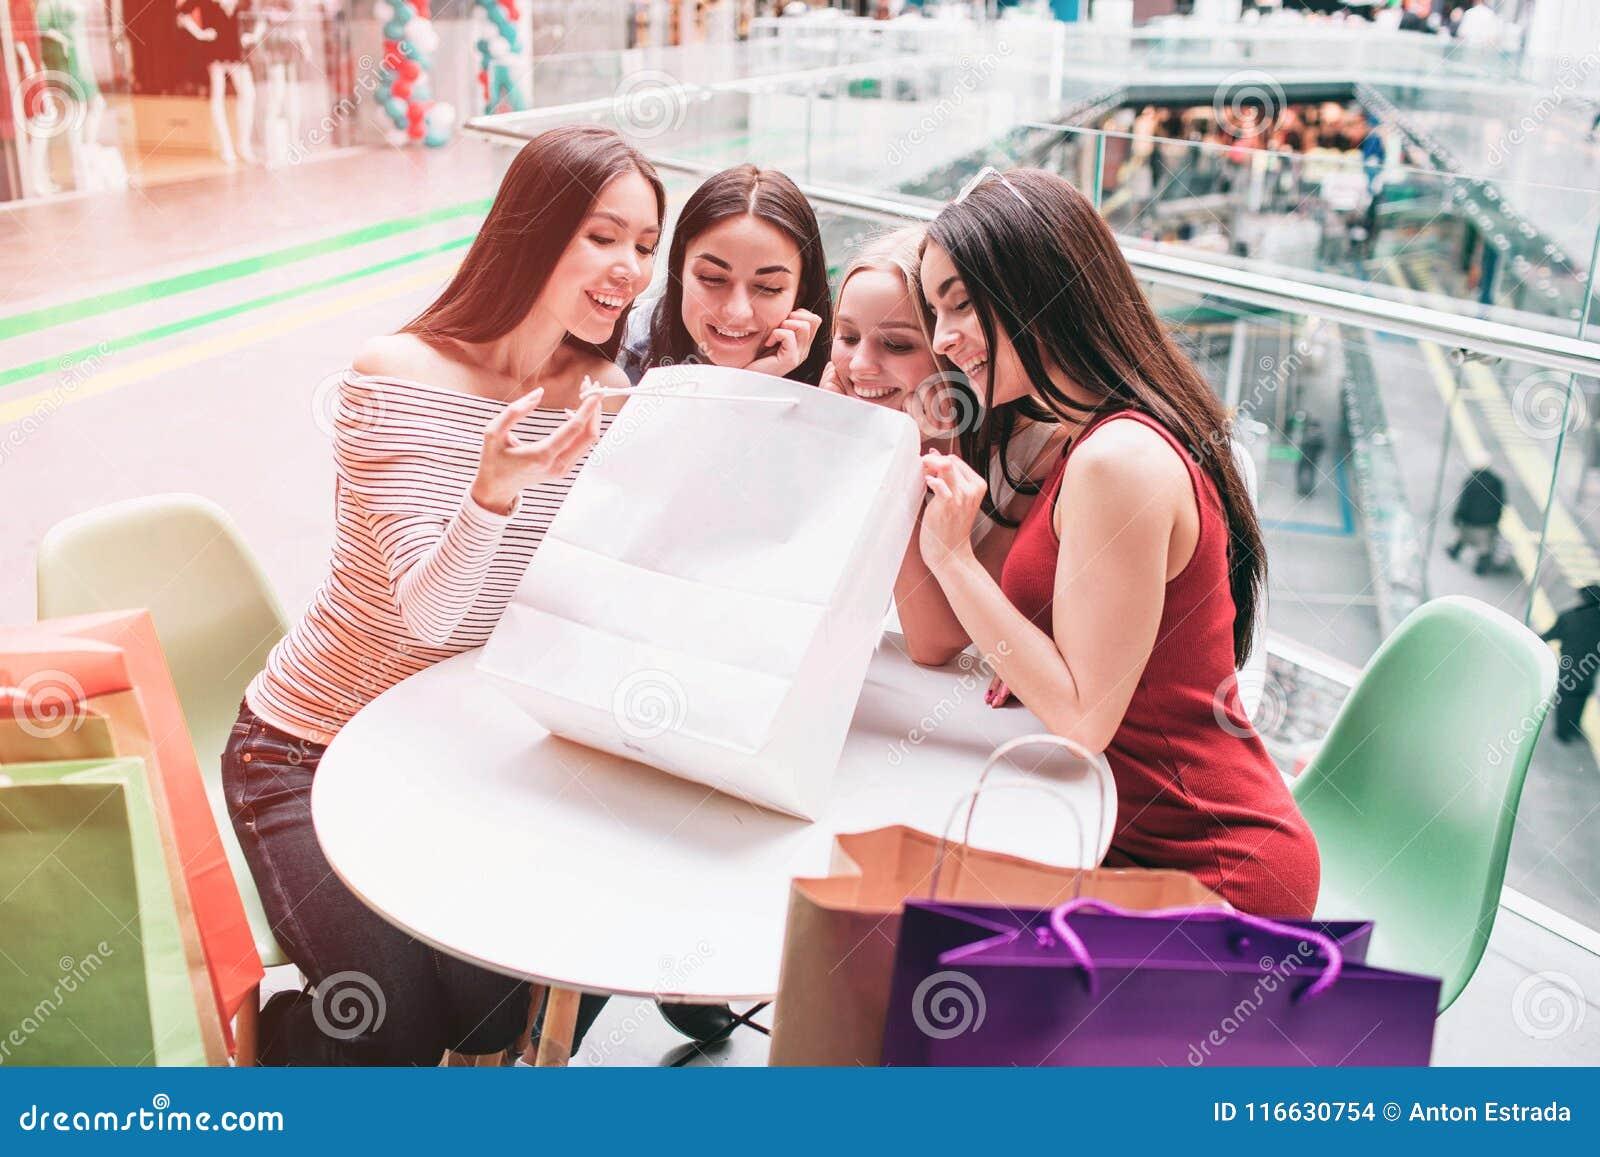 Mädchen sitzen am Tisch und untersuchen Einkaufstasche Sie sind glücklich und sehr aufgeregt